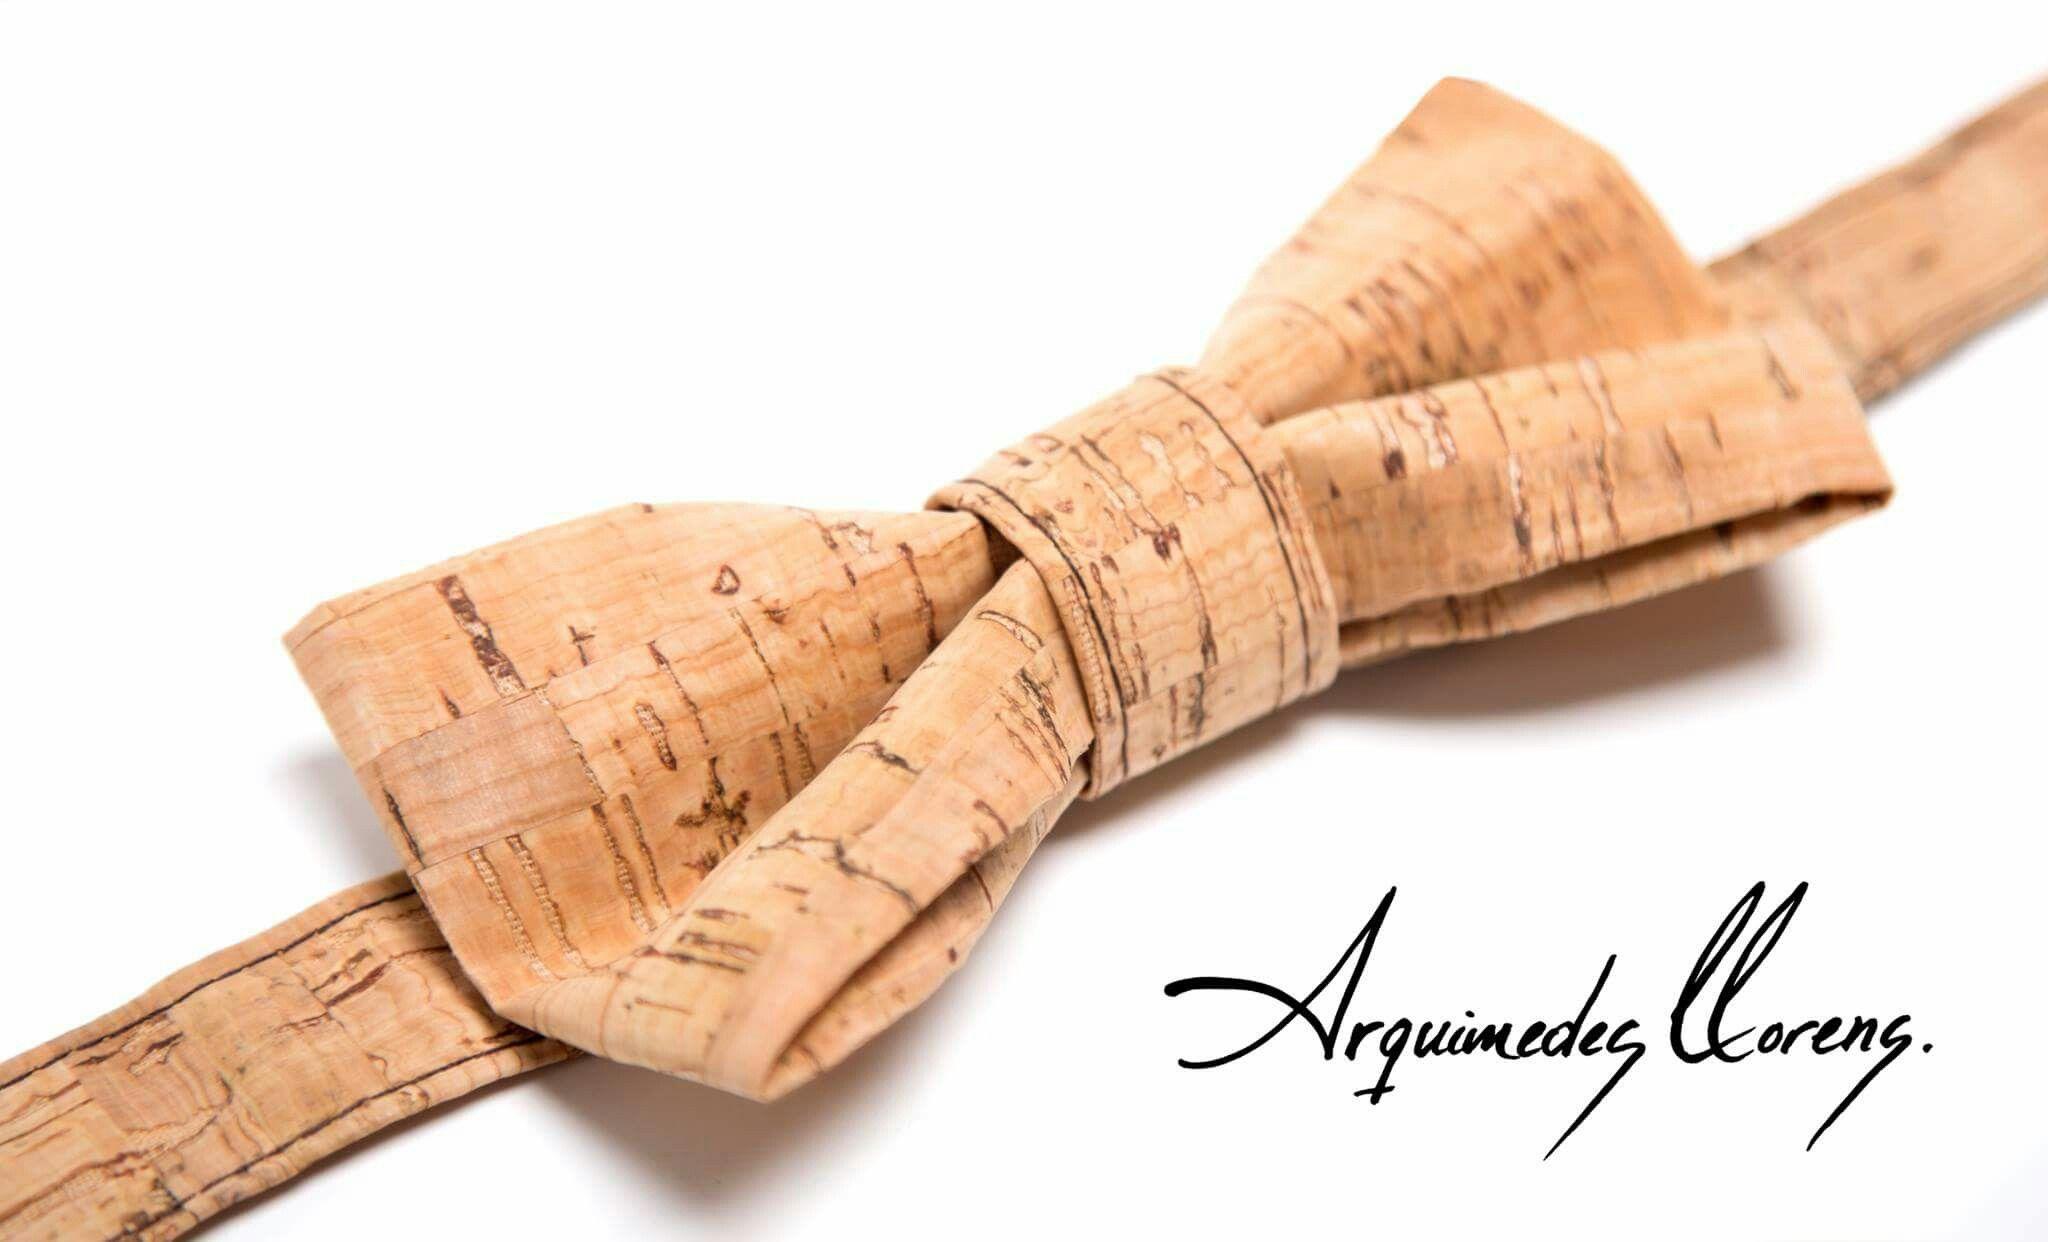 Pajarita en corcho diseñada y creada por ARQUIMEDES LLORENS - color LIGHT - Bow tie cork - Tuxedo Style - Esmoquin - Classic - Hipster - cork - corcho - pajarita - bowtie - arquimedes - llorens - original - pajaritas - vegan - unisex - ropa - complementos - accesories - accesorios - hombre - mujer - woman - man